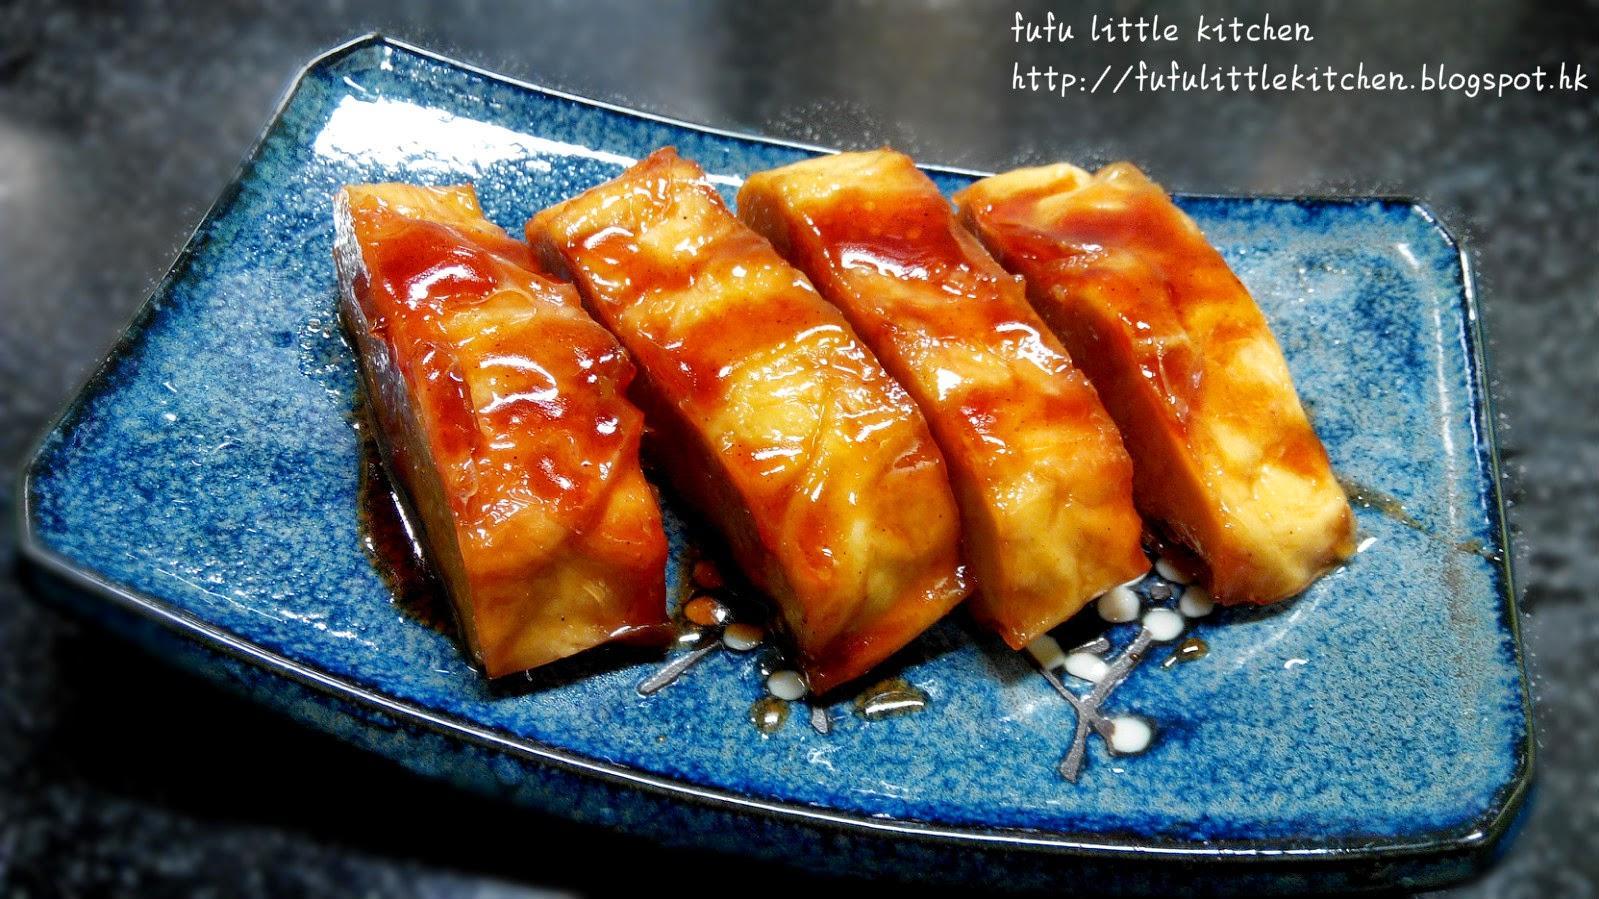 芙芙little kitchen: 超級簡易素菜 - 叉燒醬素鴨 (附食譜)